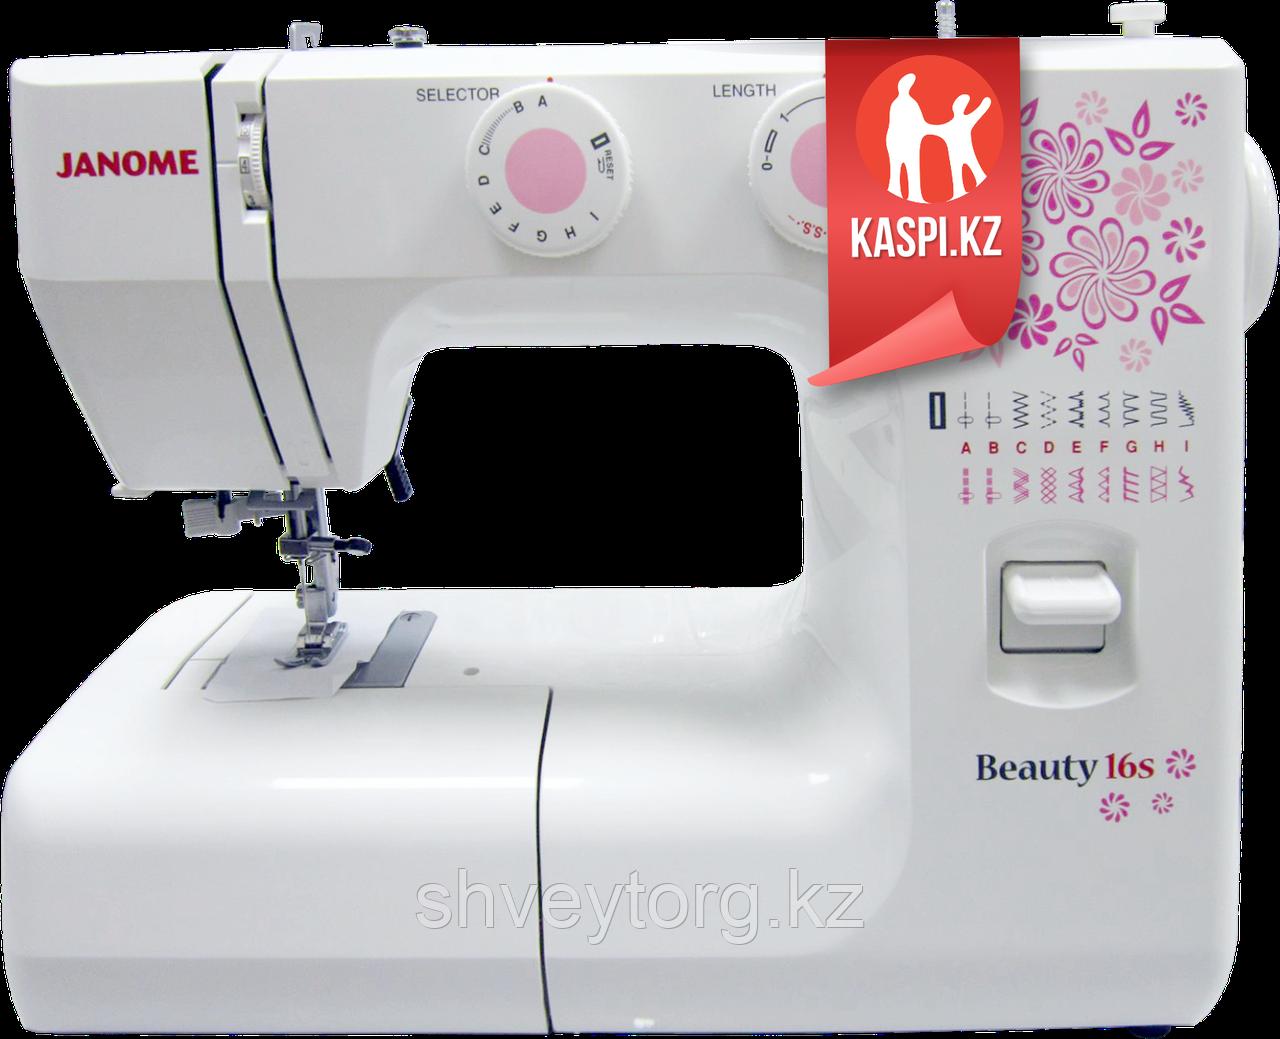 Бытовая швейная машина Janome Beauty 16s